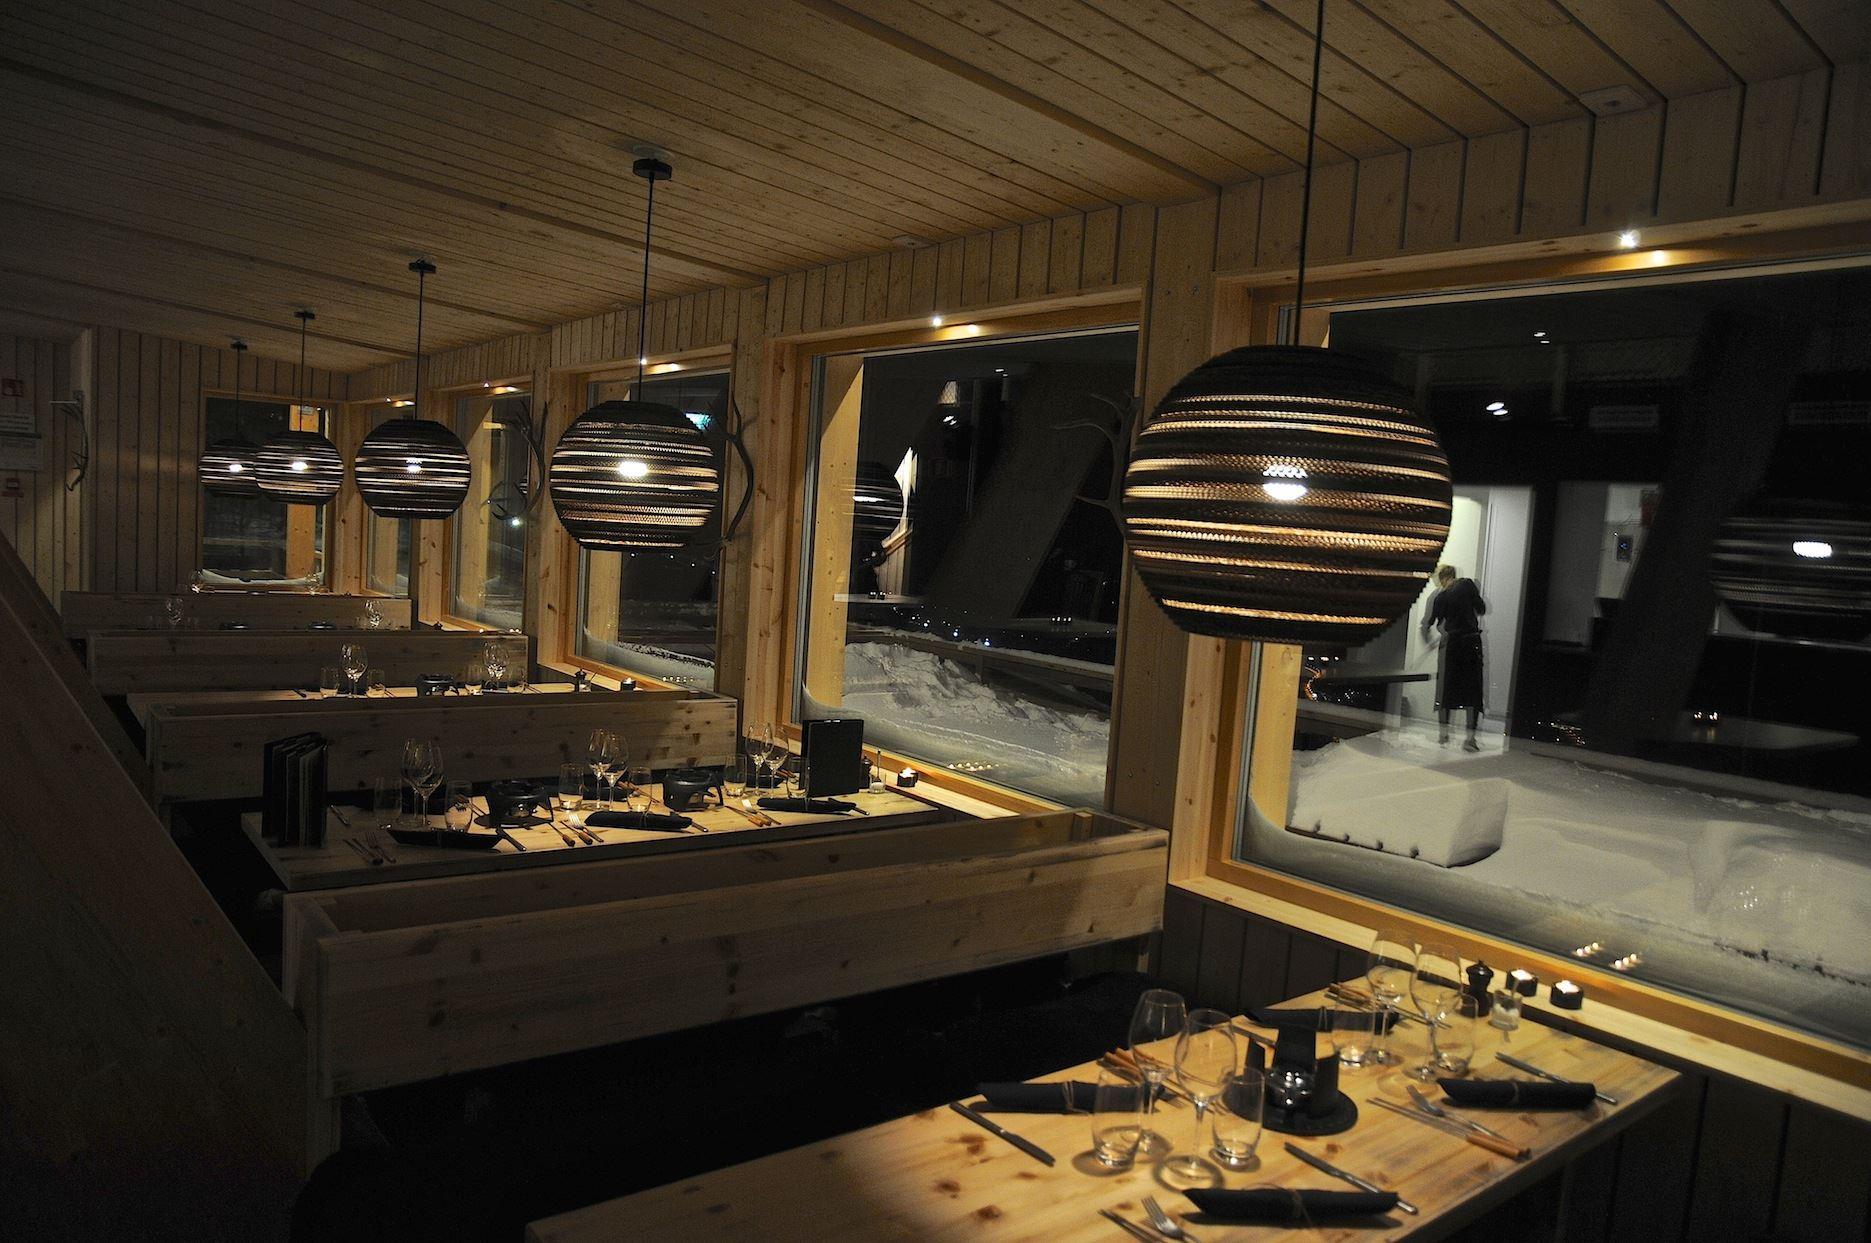 Björk restaurant & bar